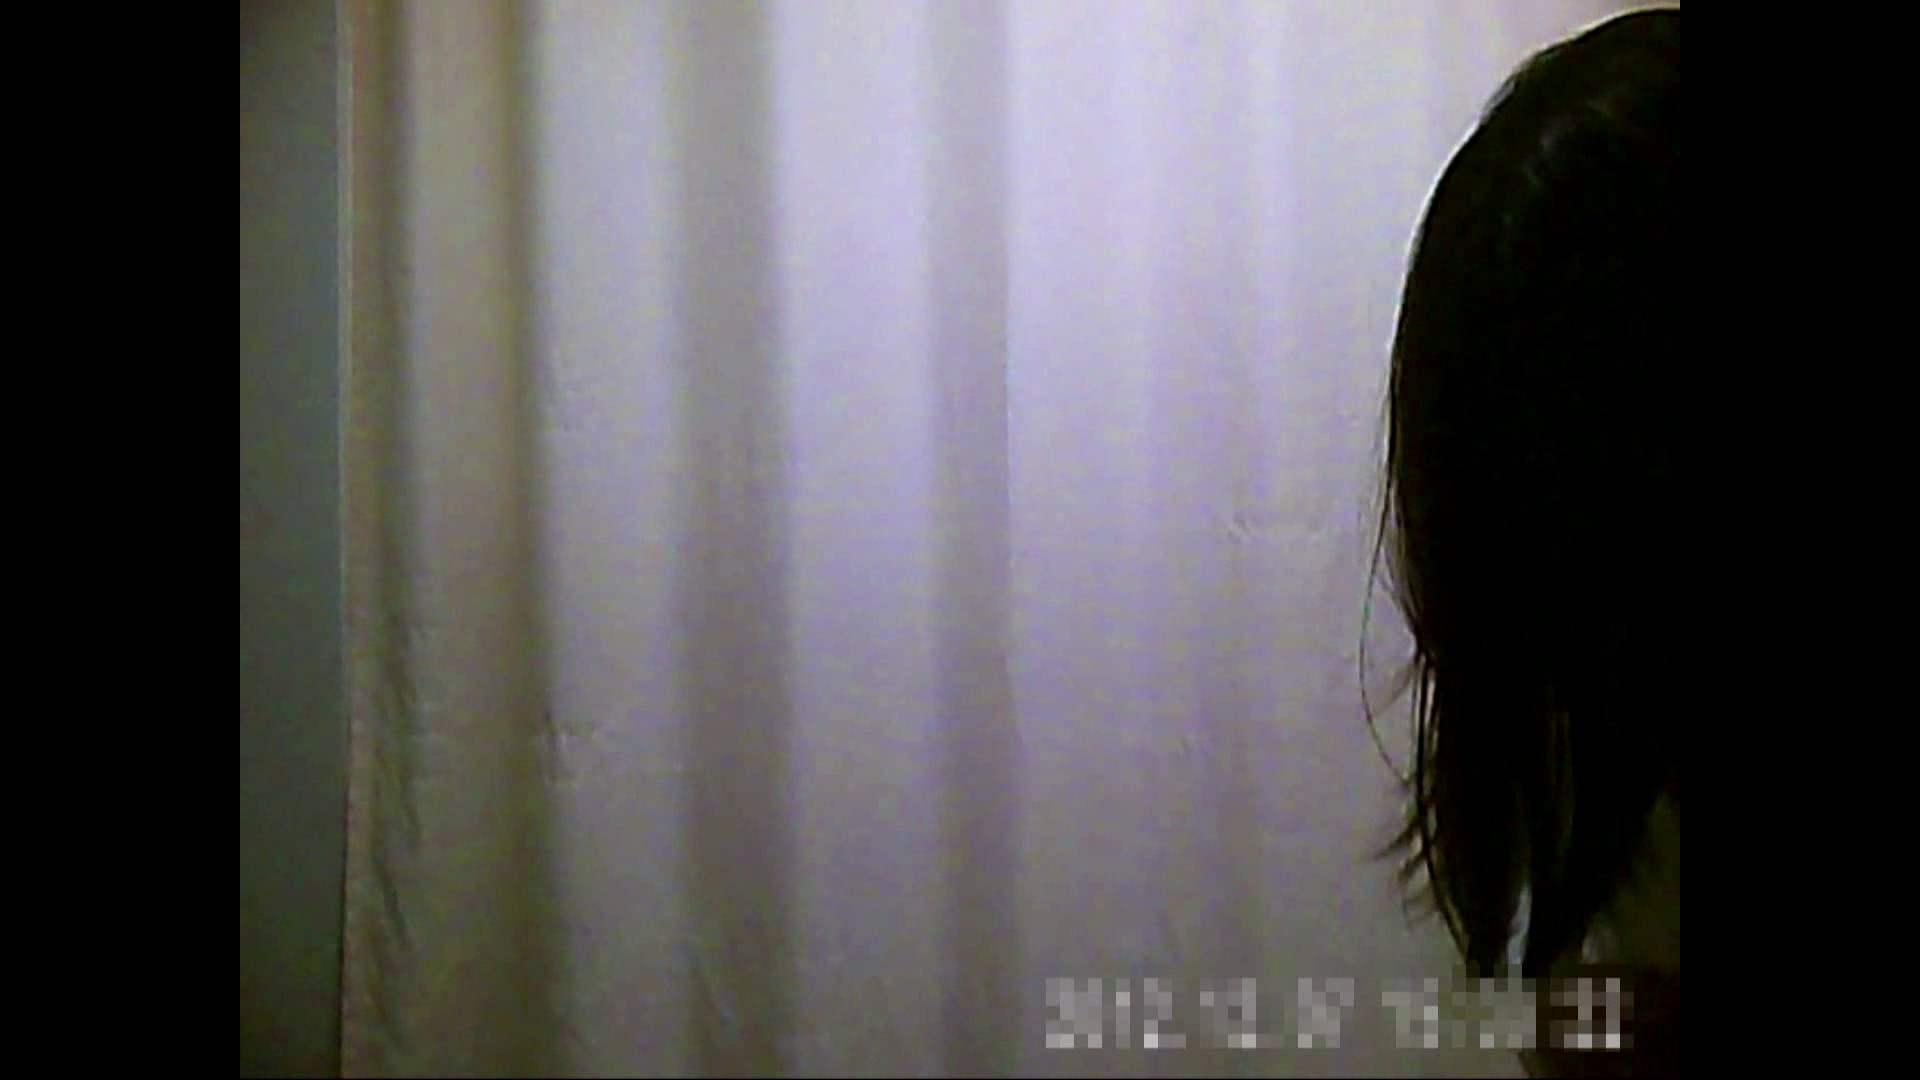 病院おもいっきり着替え! vol.170 美しいOLの裸体 隠し撮りオマンコ動画紹介 104pic 93